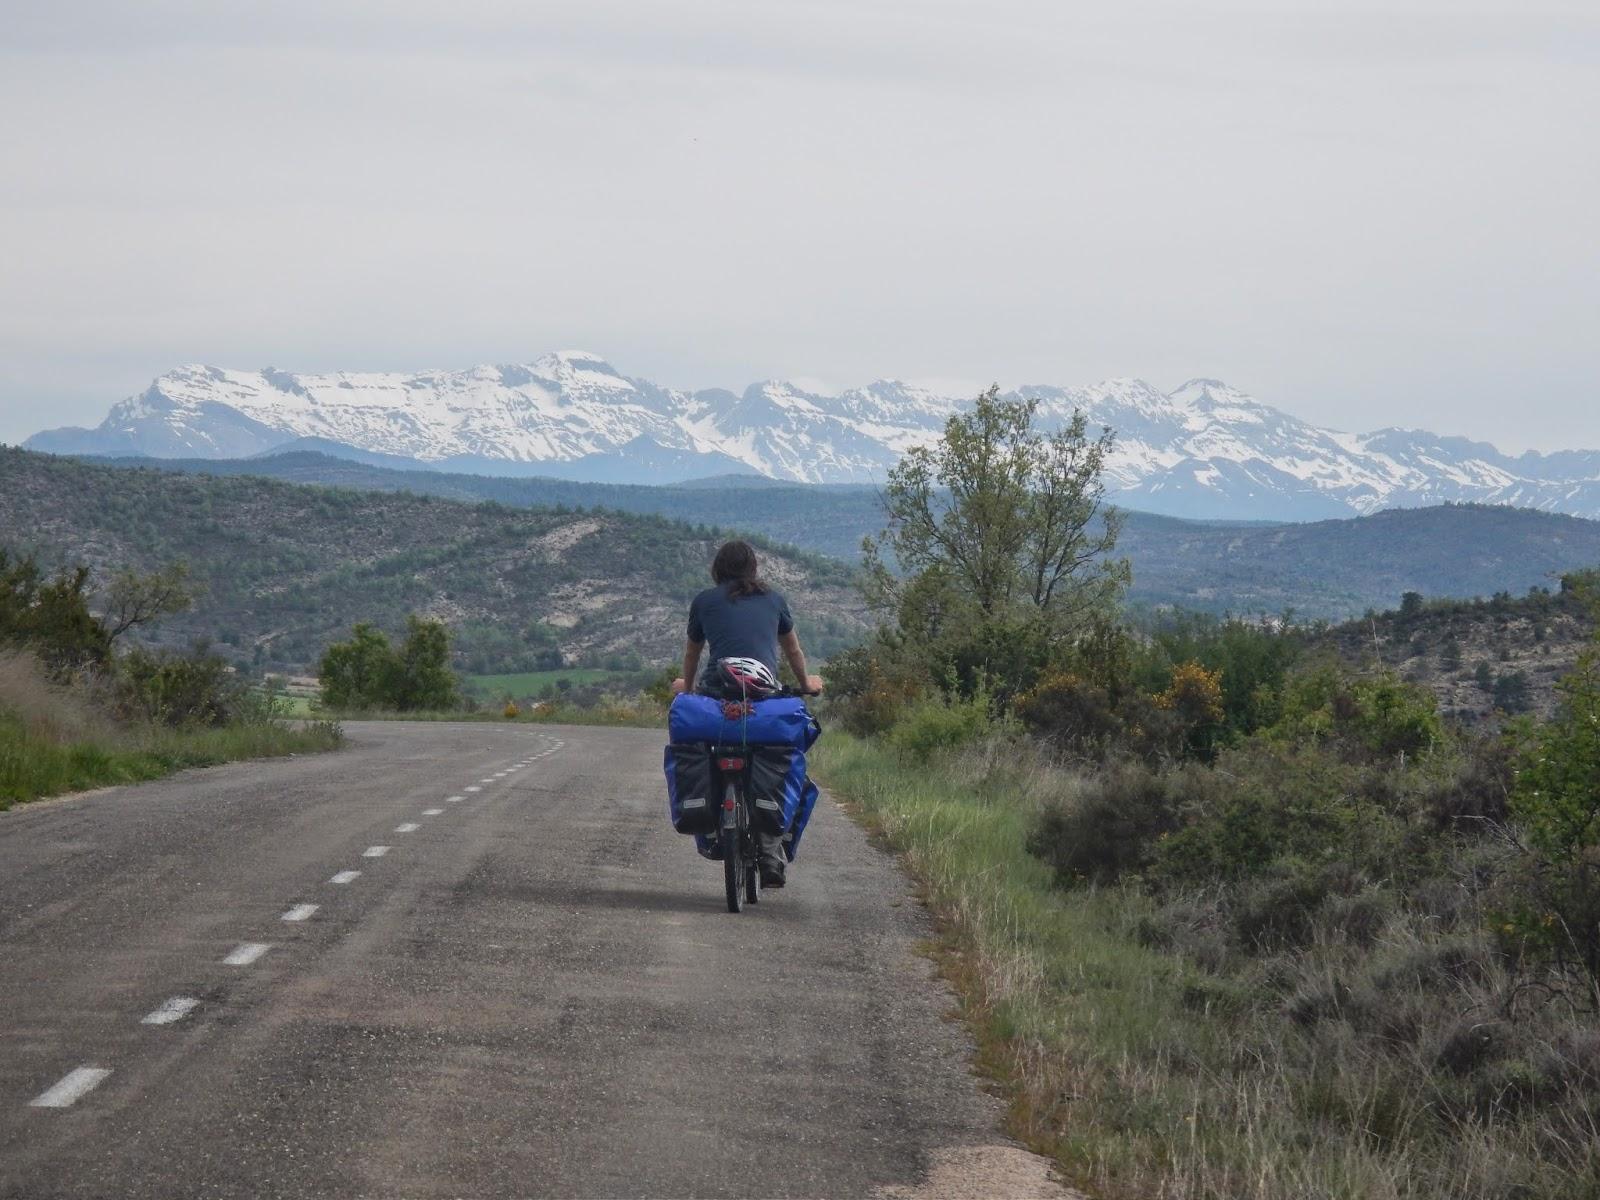 Companniers brete s samo for Cuanto cuesta adaptar un coche para silla de ruedas